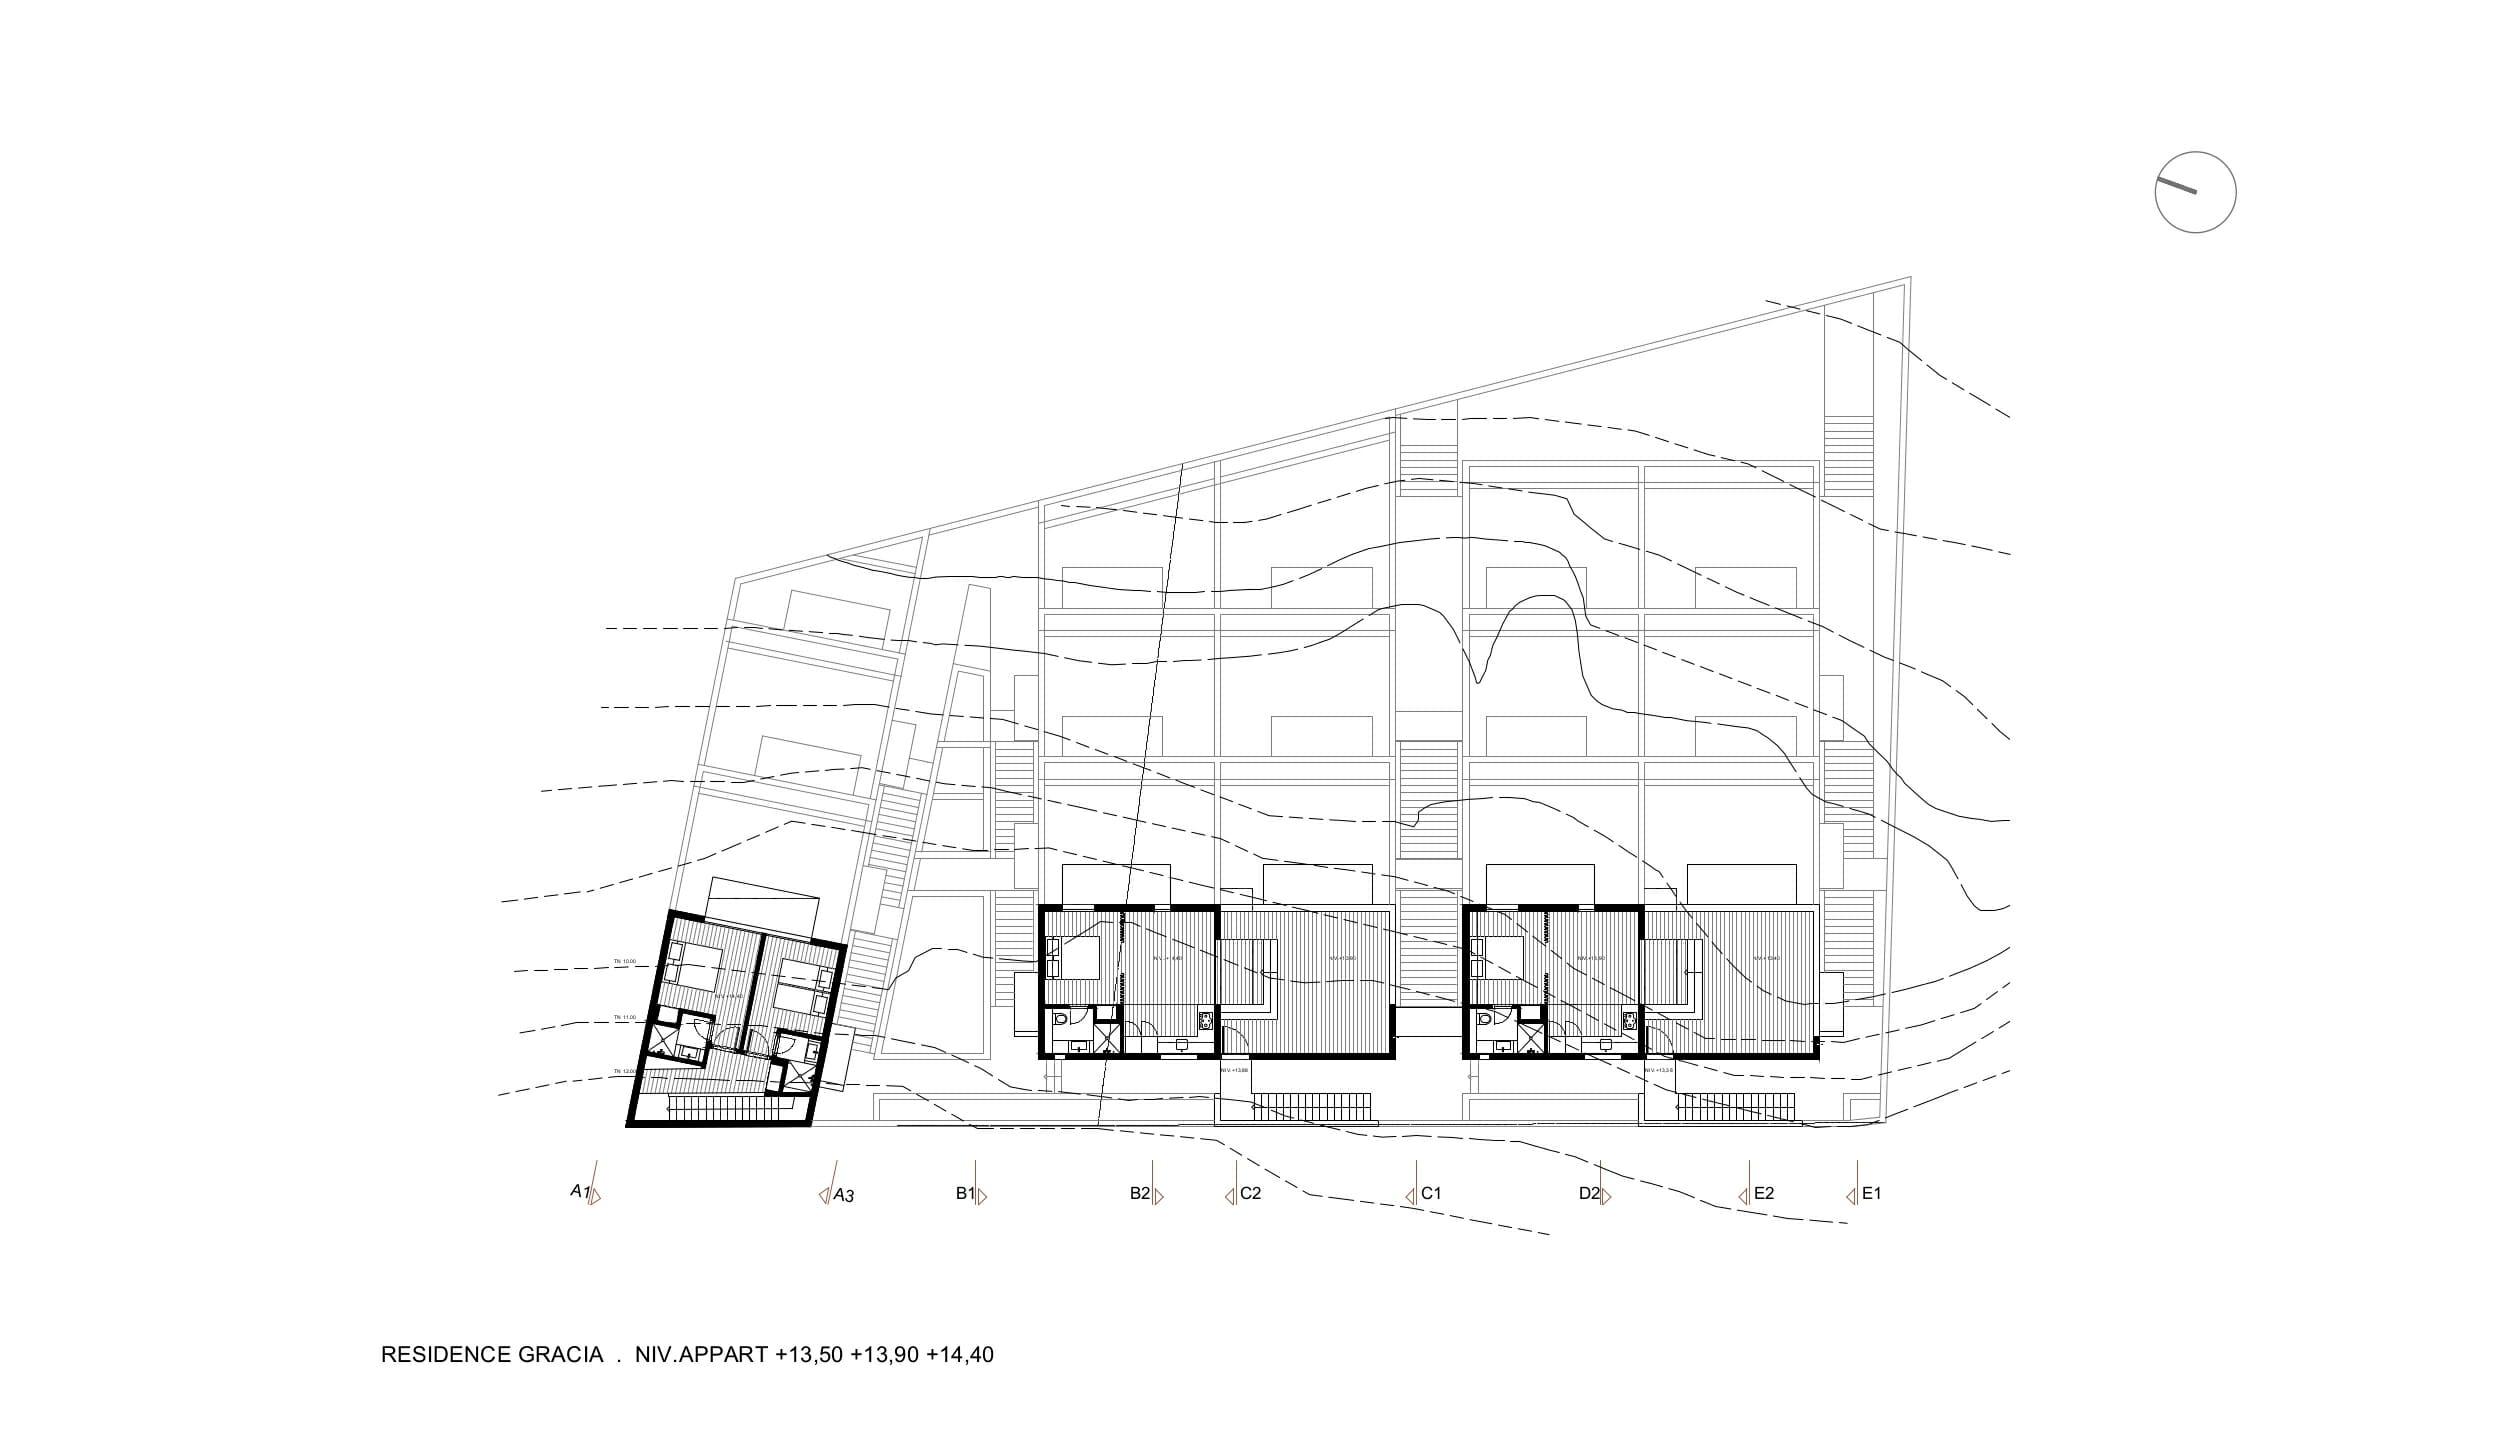 GRACIA.plan 04-appart +13.50